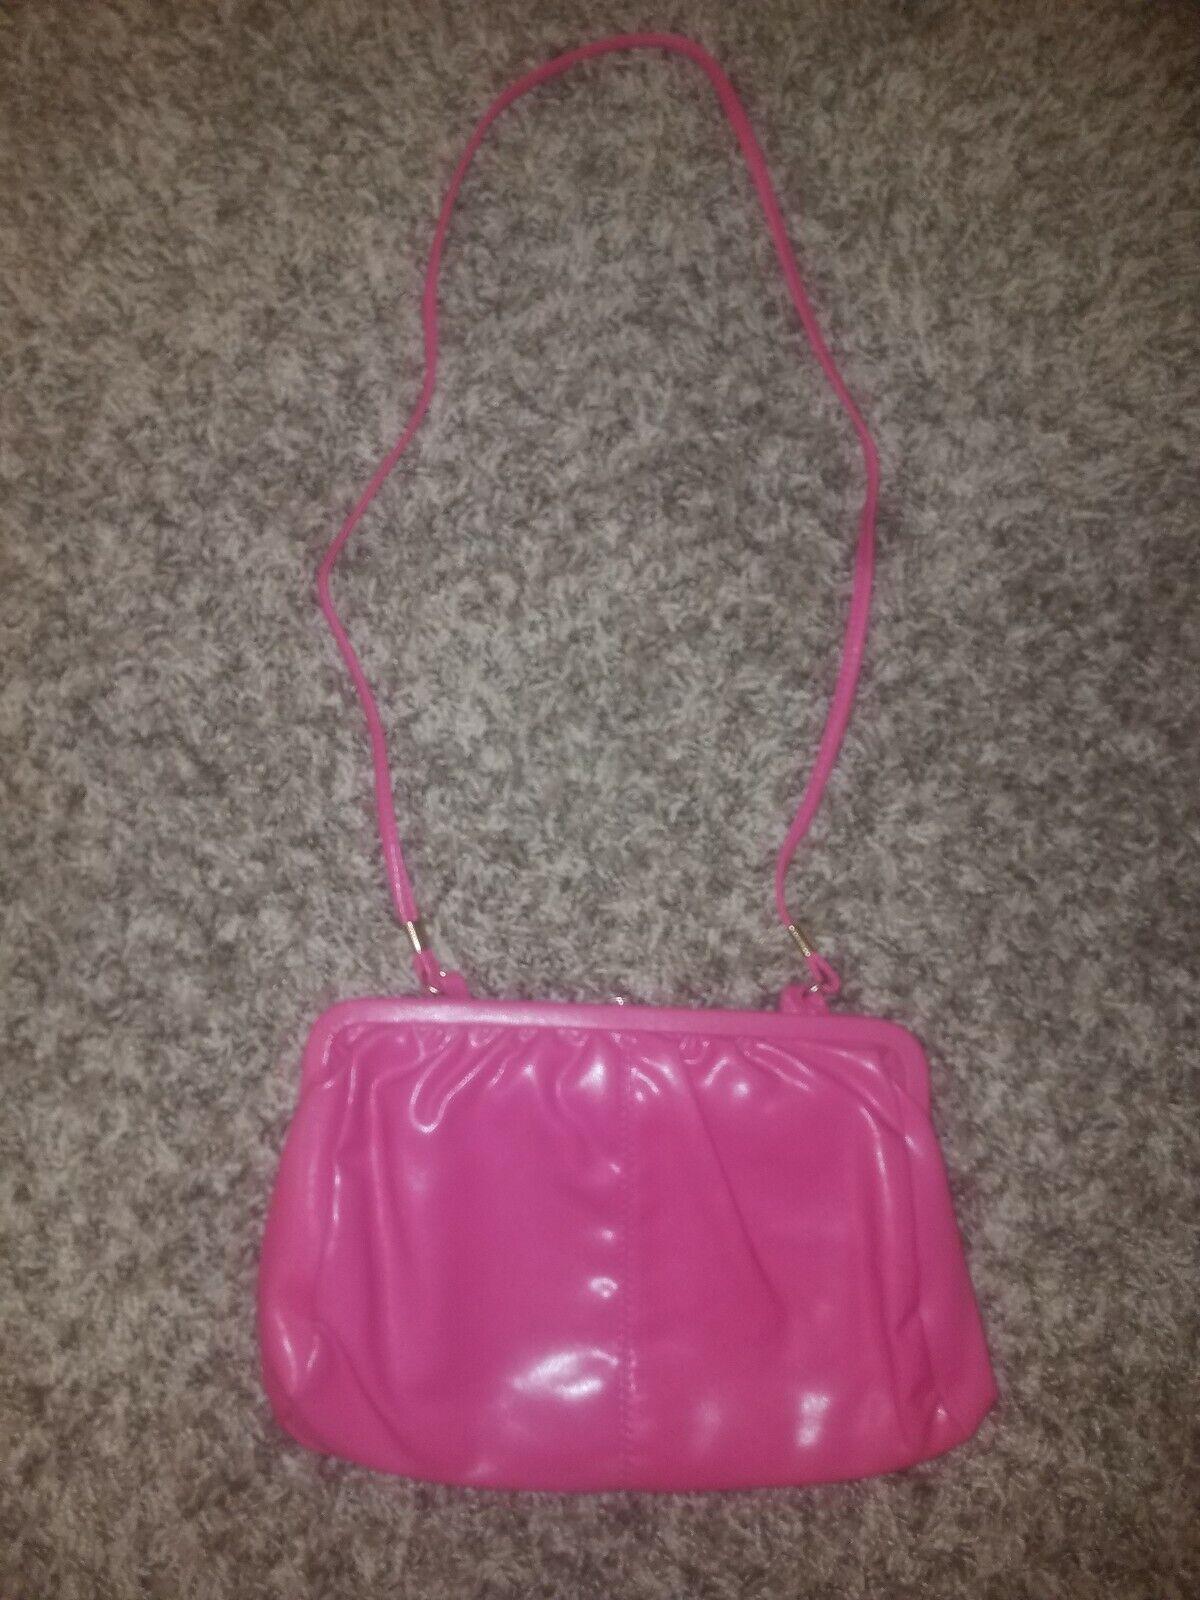 Summerfield Pink Purse Wallet Coin Bag